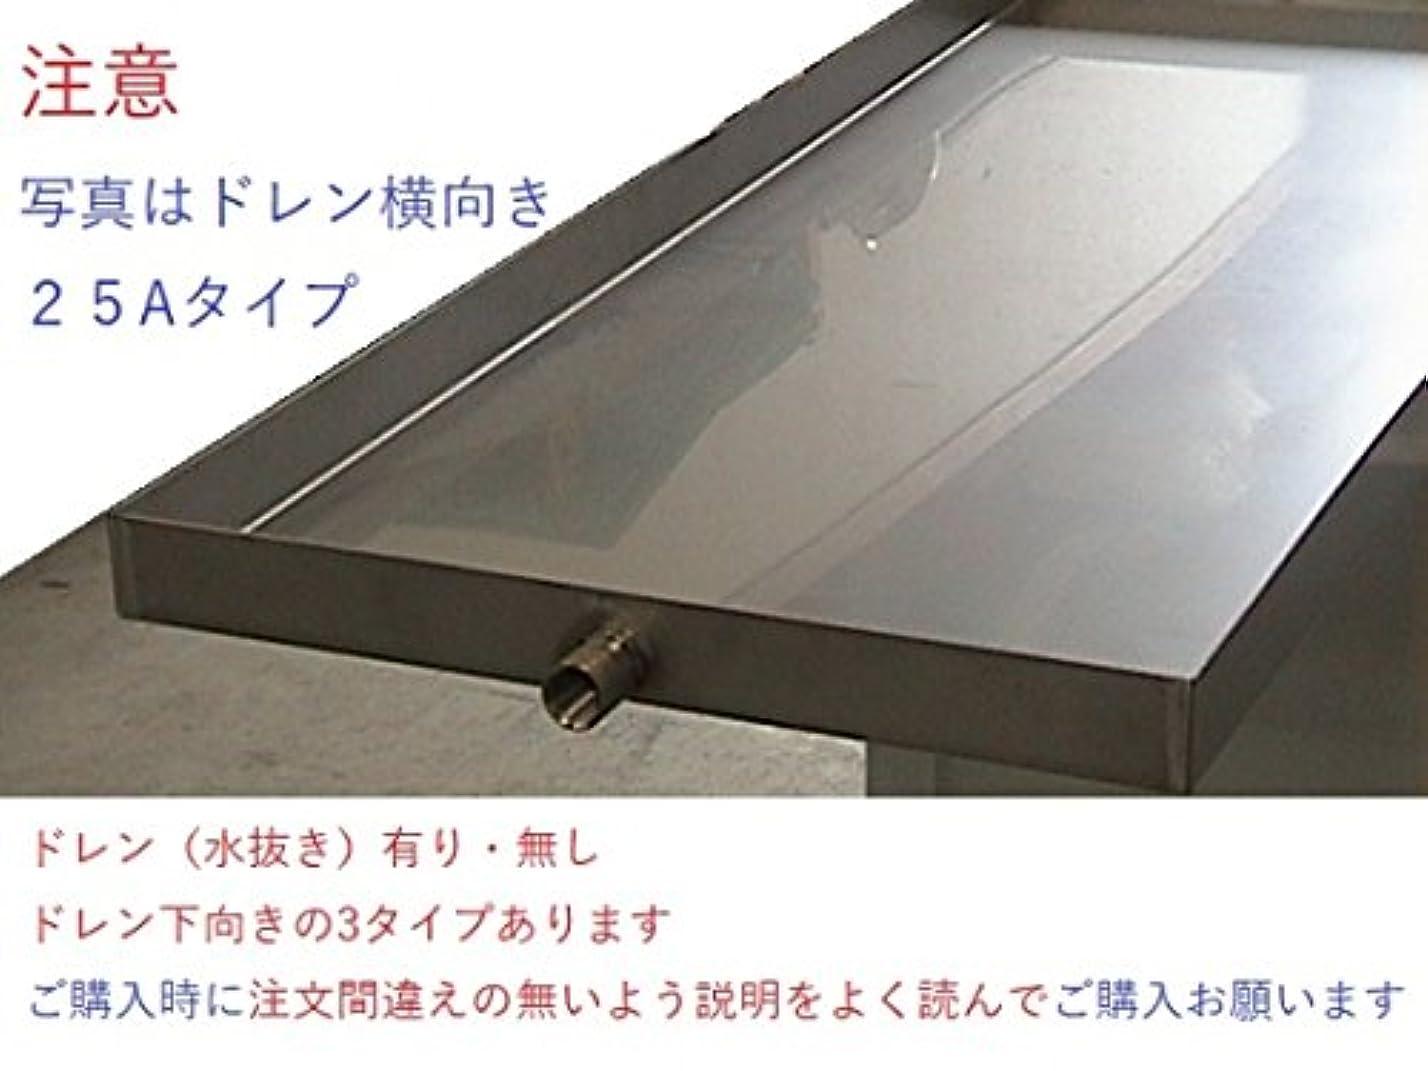 厳しい東アナログドレンパン 800×300×50H SUS304 1.0t 2B 水抜きコック端